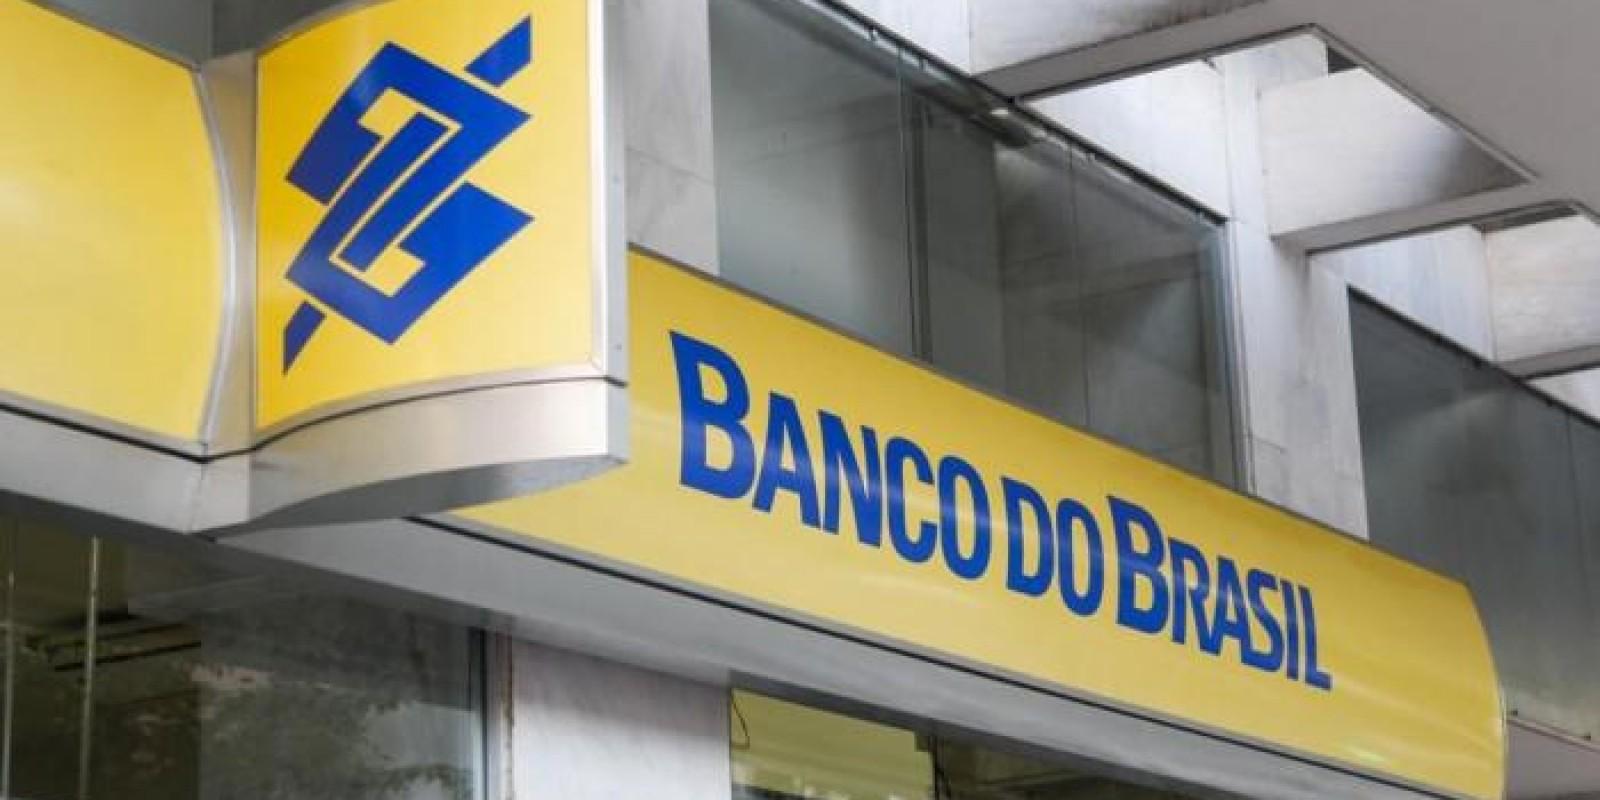 Banco do Brasil avisa mercado que vai reduzir custeio da Cassi